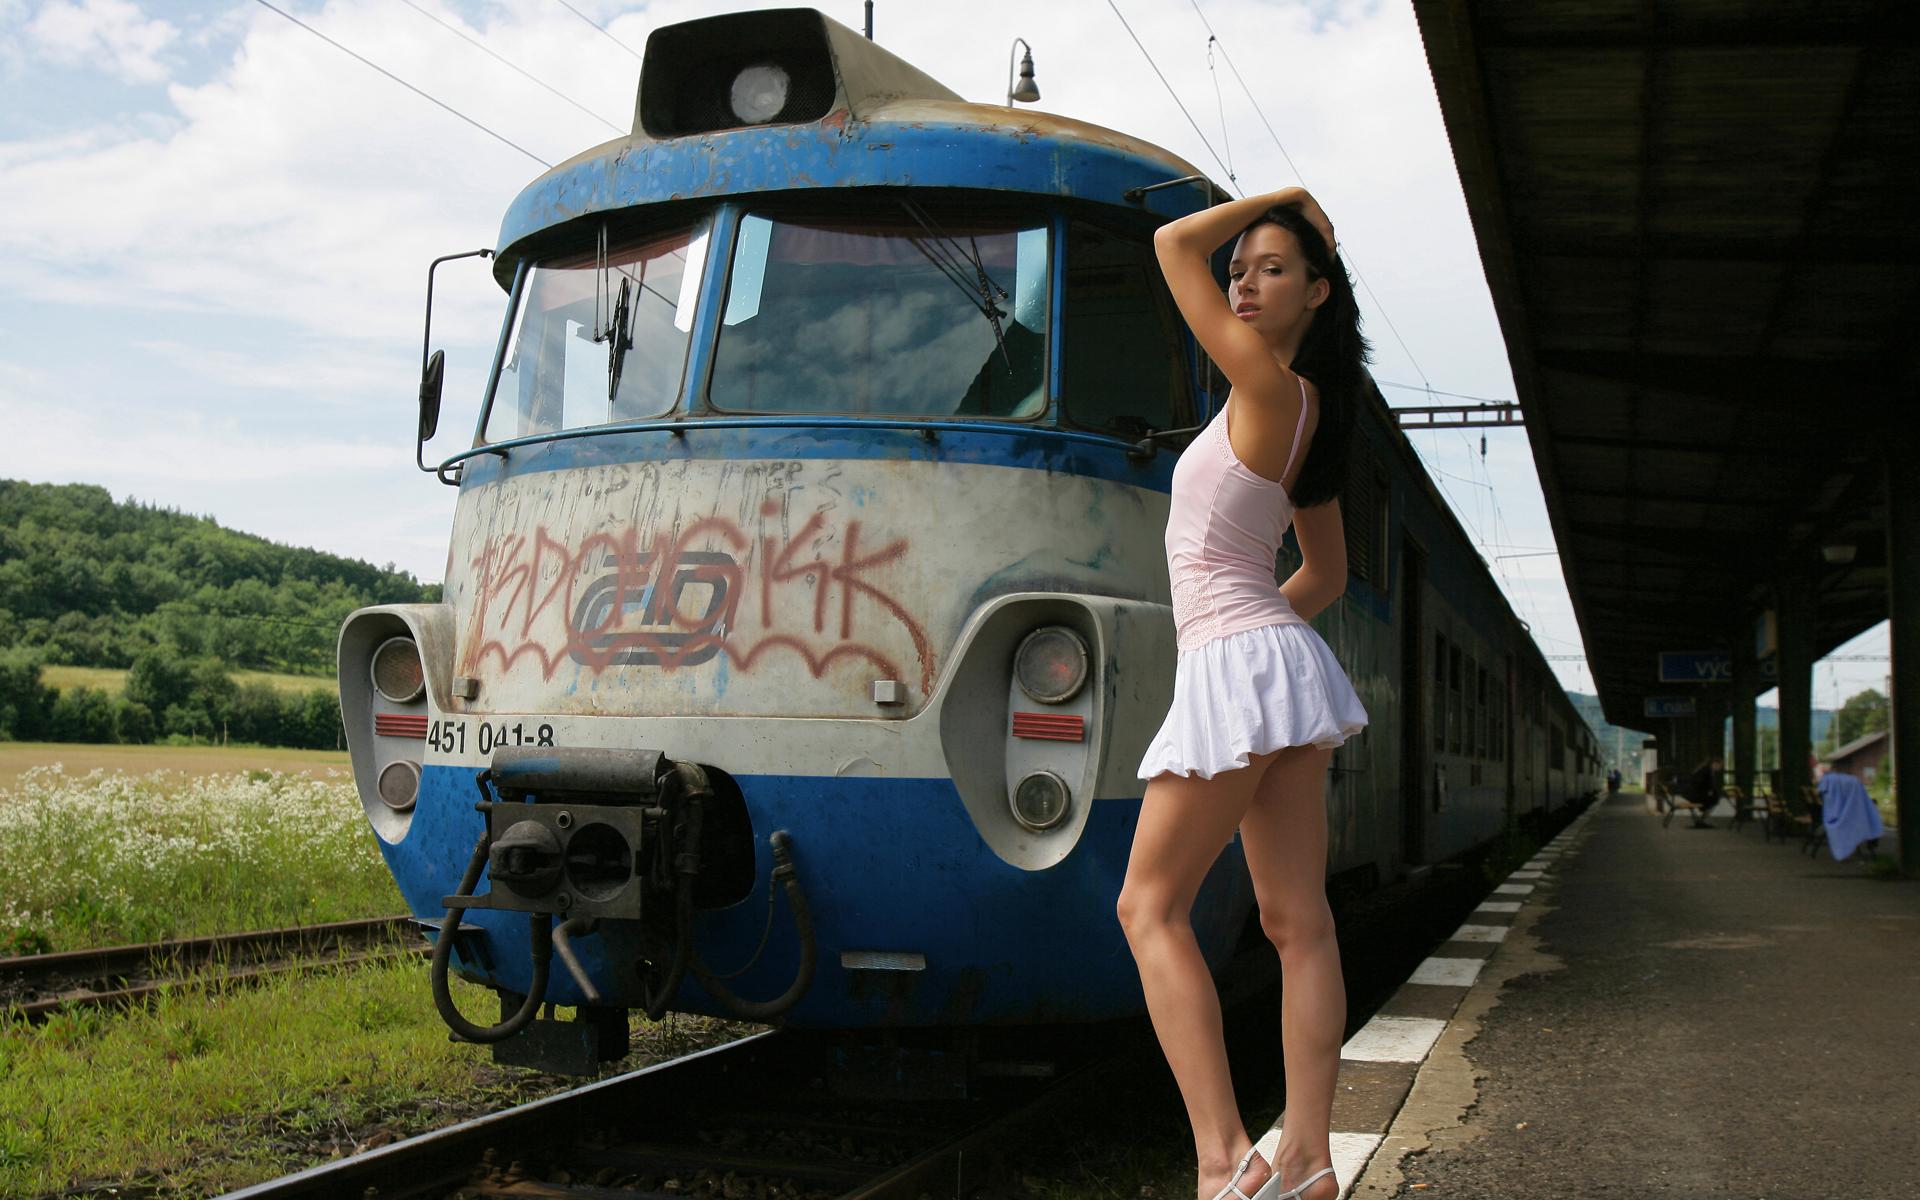 смотреть весь сборник женских поезд фото картинки